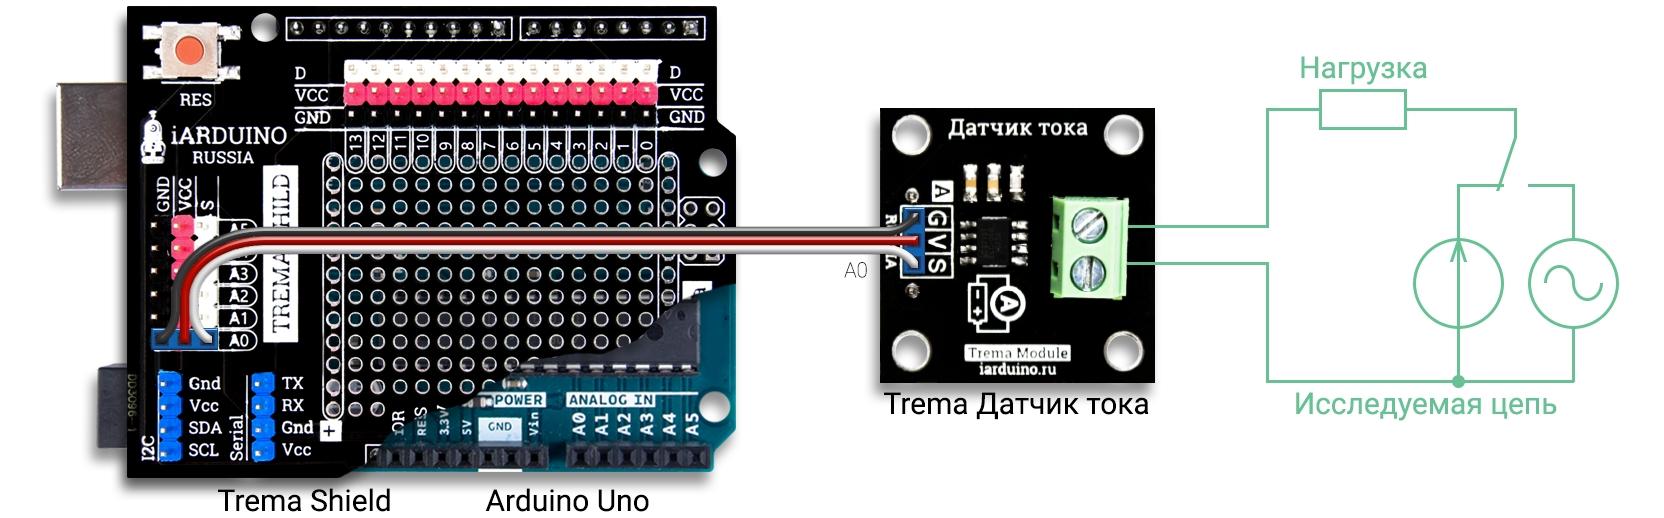 Подключение датчика тока к Arduino